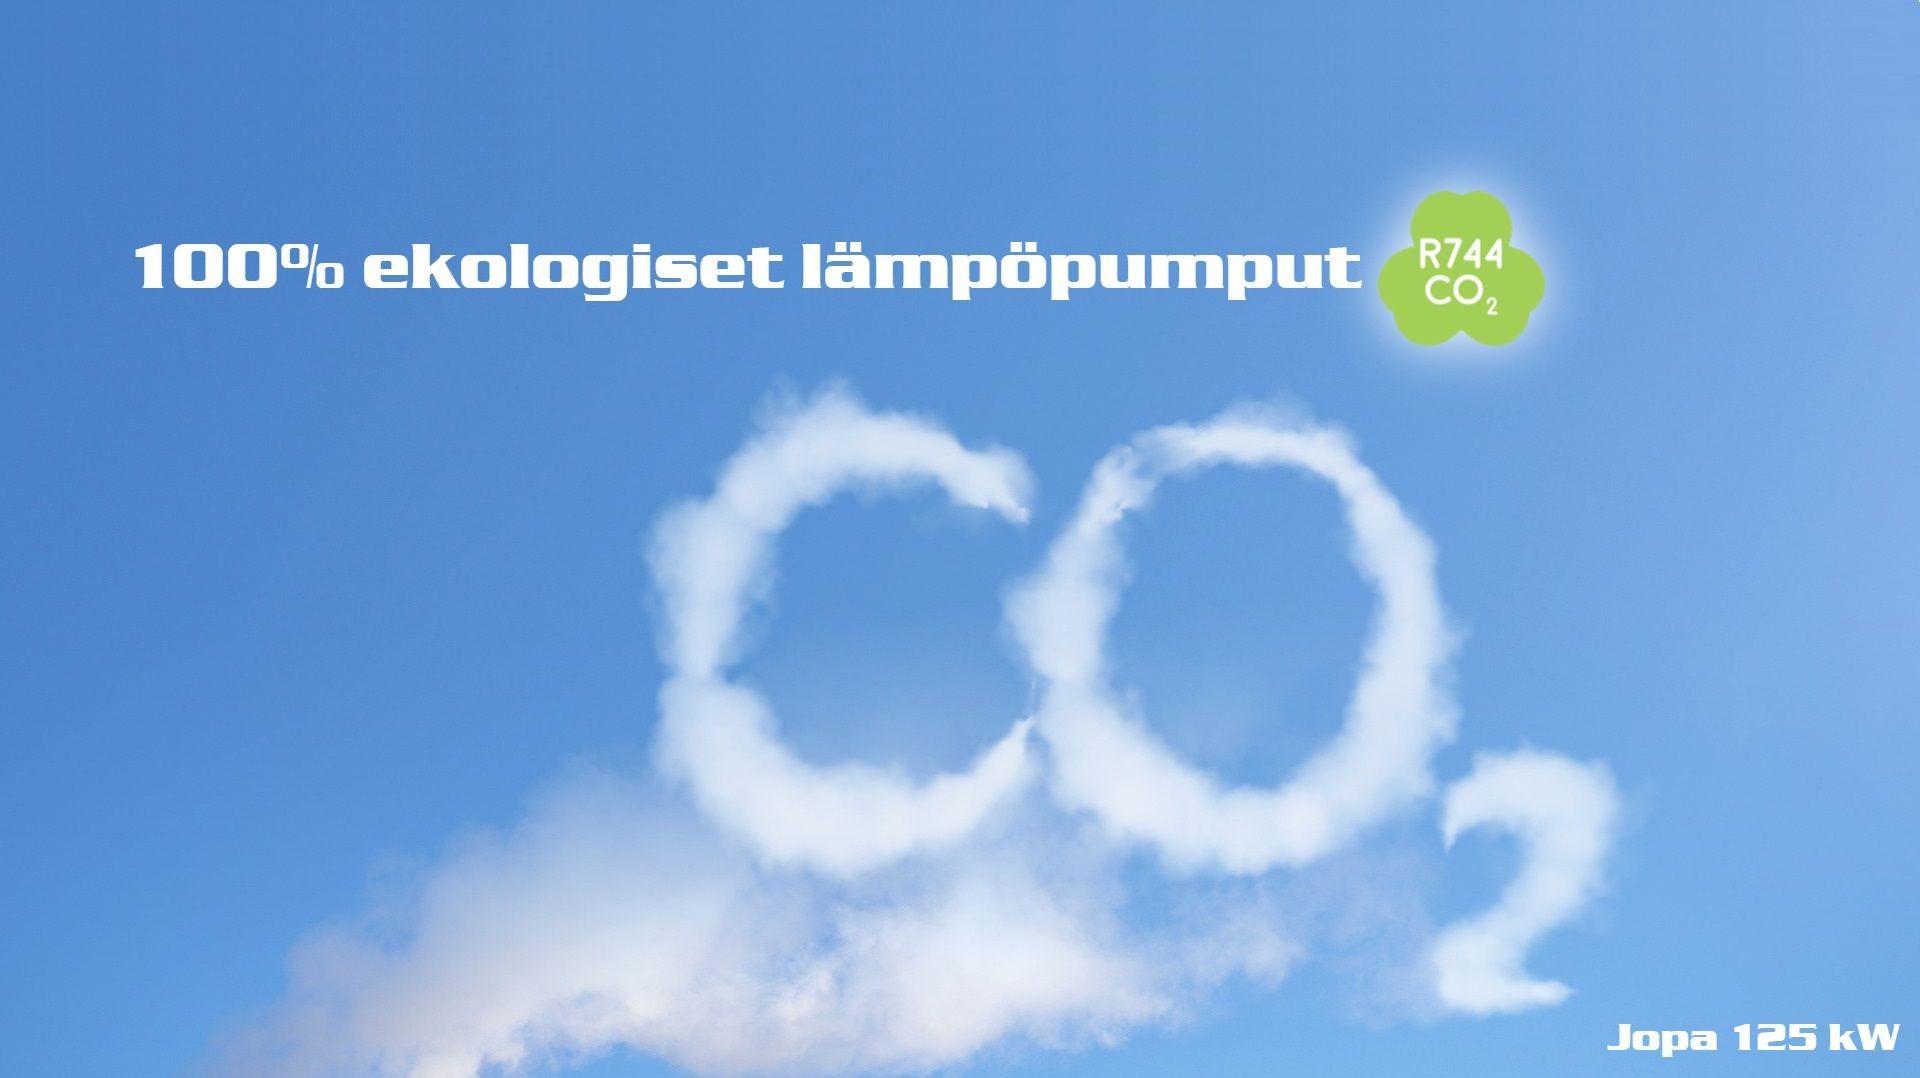 Lämpöpumput CO2-kompressorilla R744